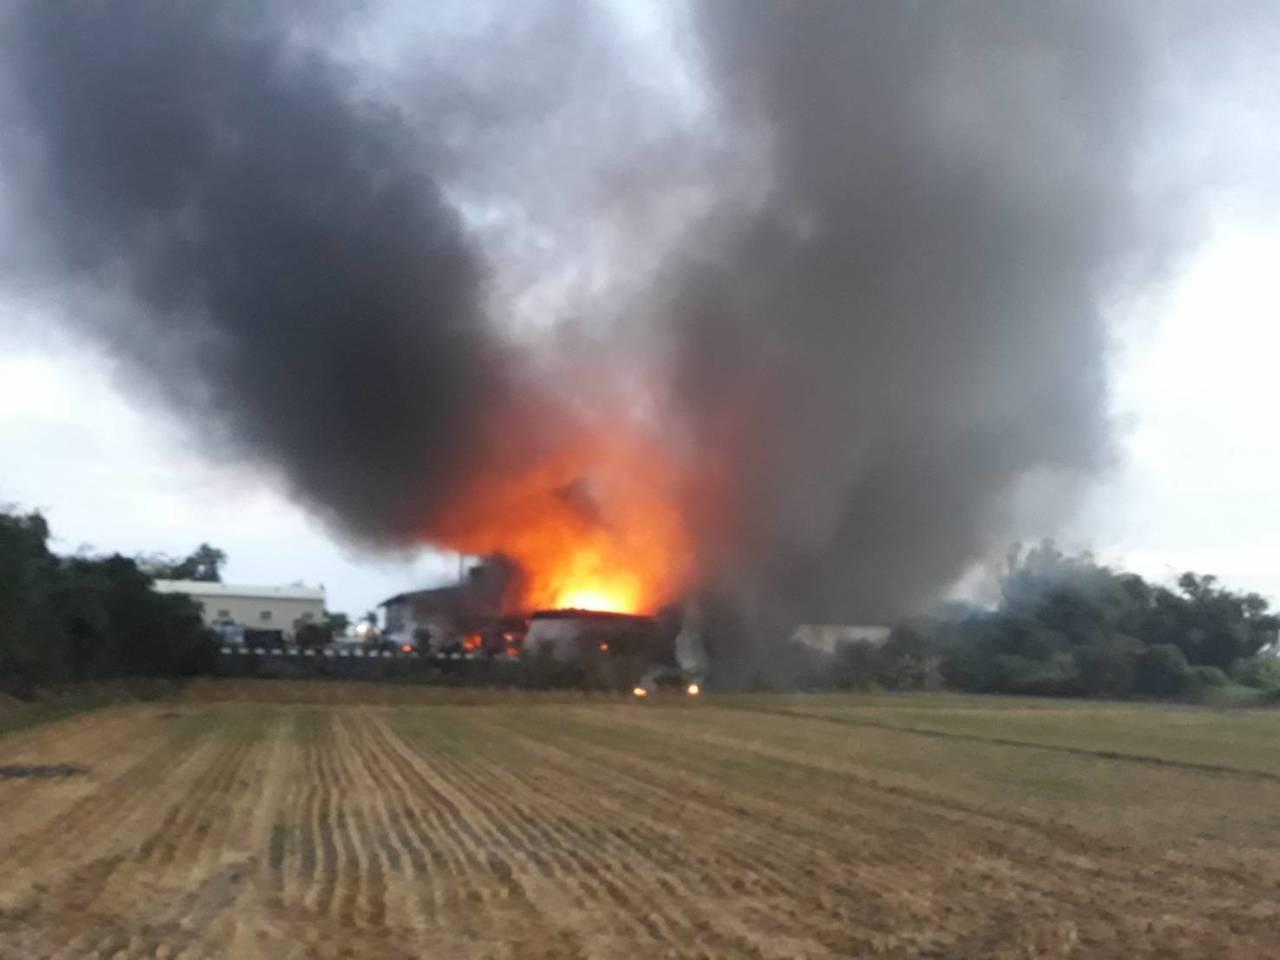 嘉義旭泰玻璃纖維廠房,今天清晨4時失火,火勢至7時許仍在延燒。圖/讀者提供